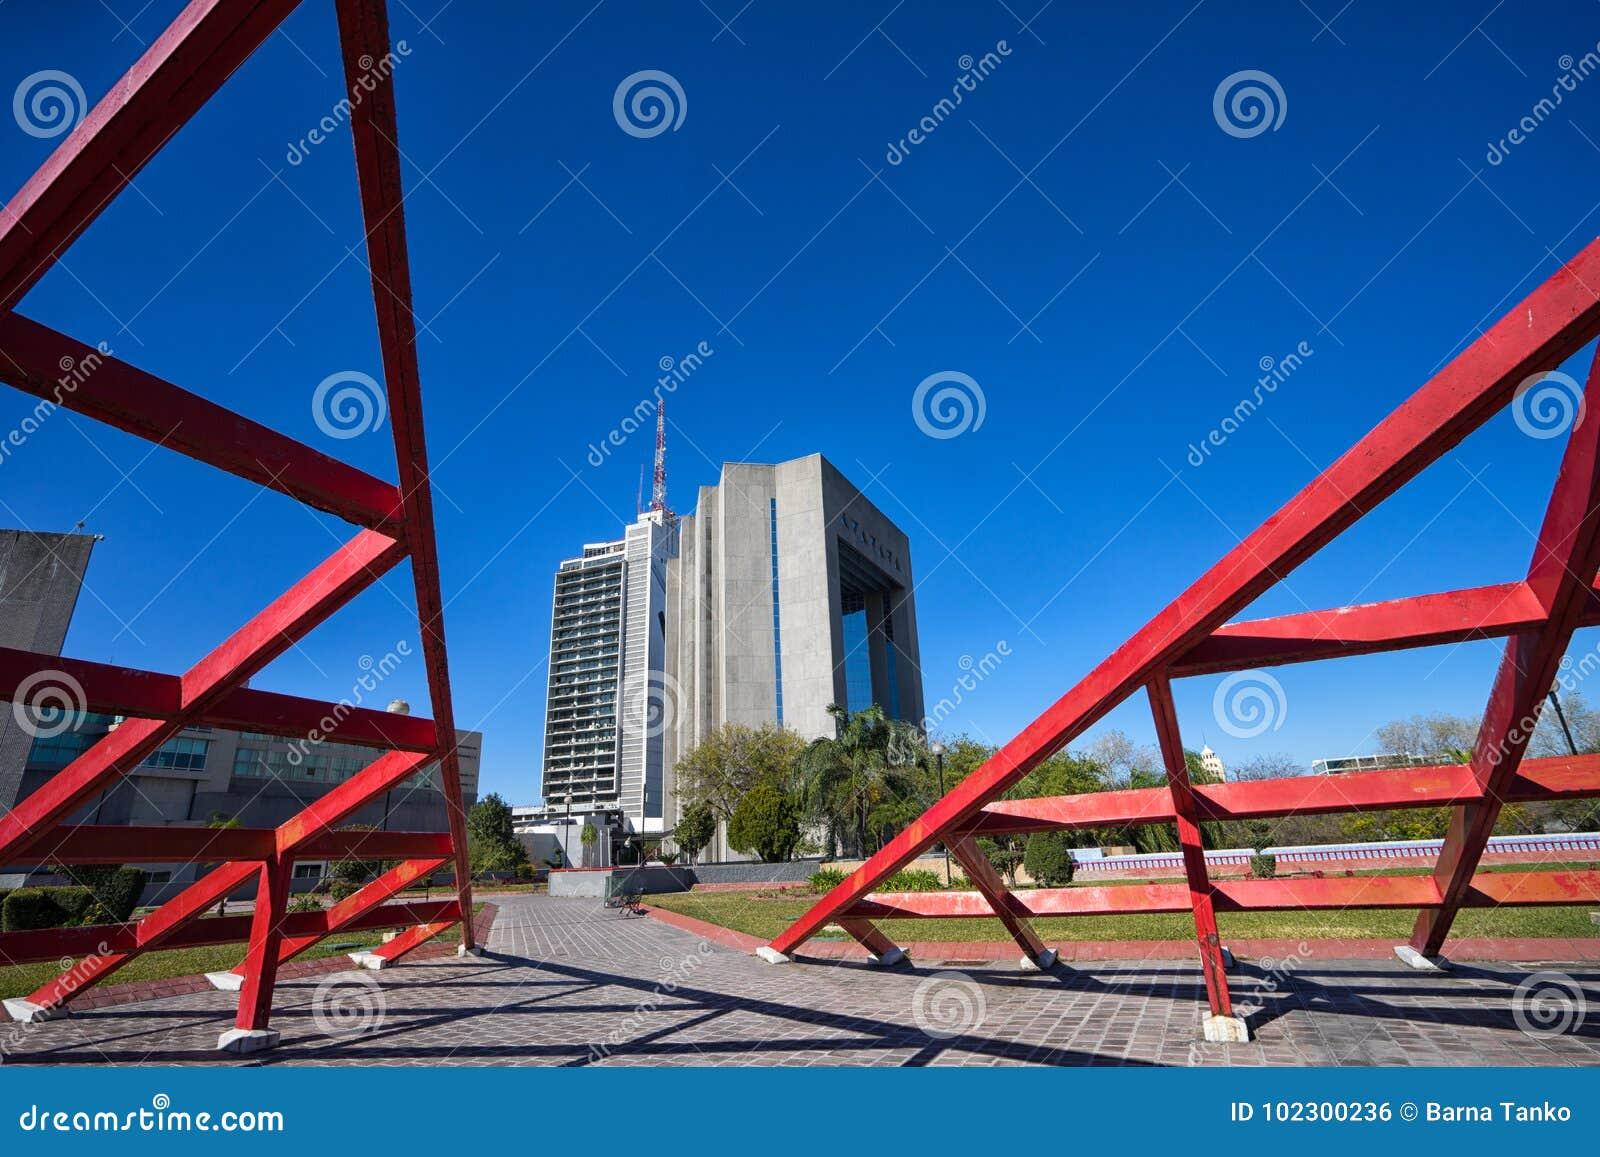 Modern architecture in Monterrey Mexico